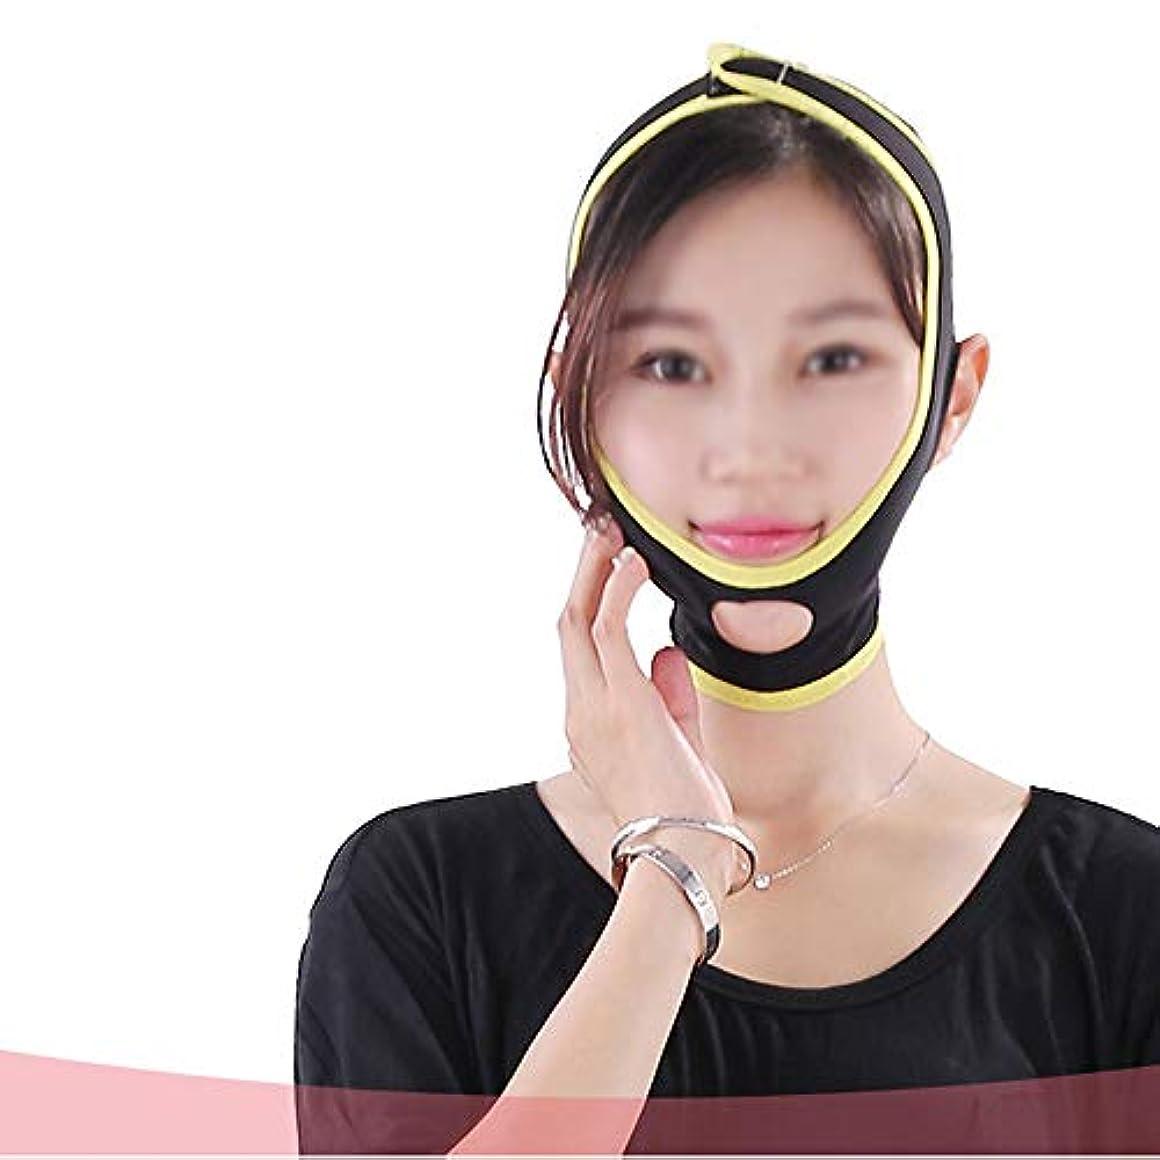 可決債務者始まりTLMY 薄い顔包帯通気性睡眠小さいVフェイスマスクリフティング引き締め肌アーティファクトは二重あご顔の減量包帯を減らす 顔用整形マスク (Size : L)